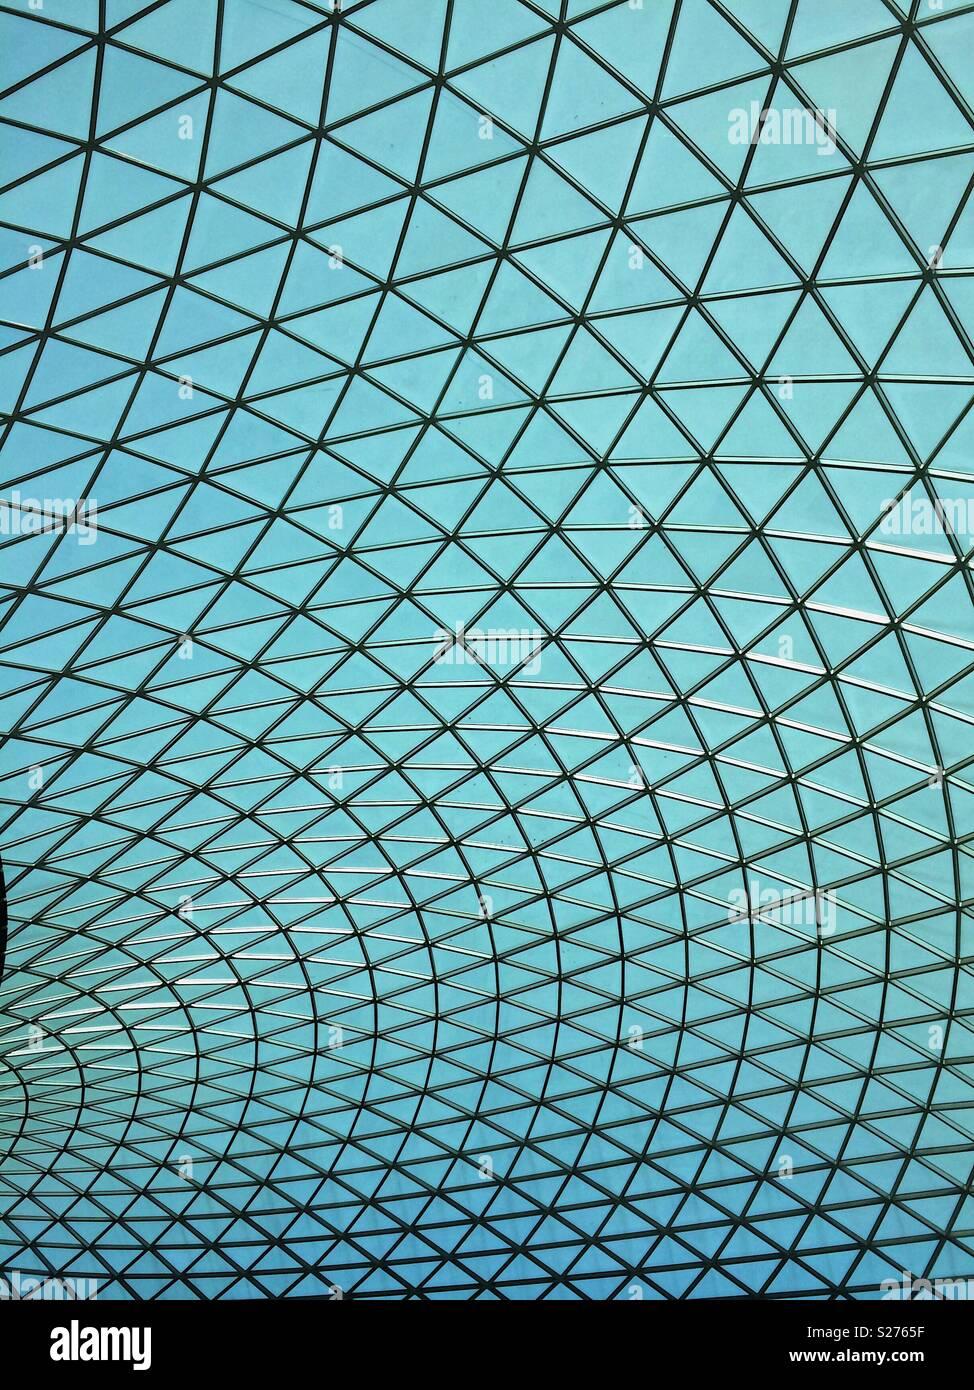 Lucernario geometrica del tetto modello a griglia Immagini Stock